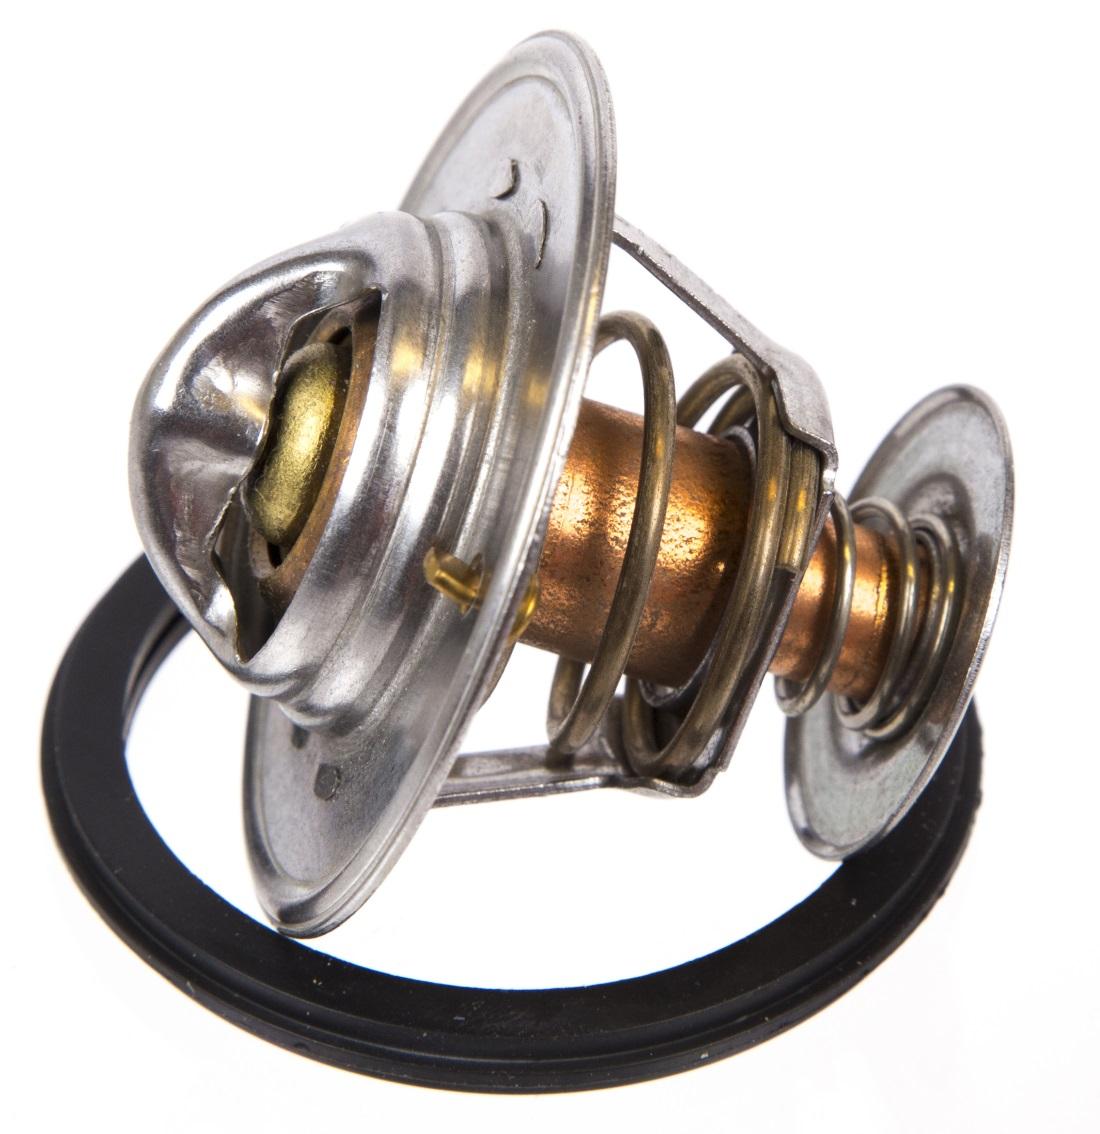 Termostat 30-, 40-motorer (15787)